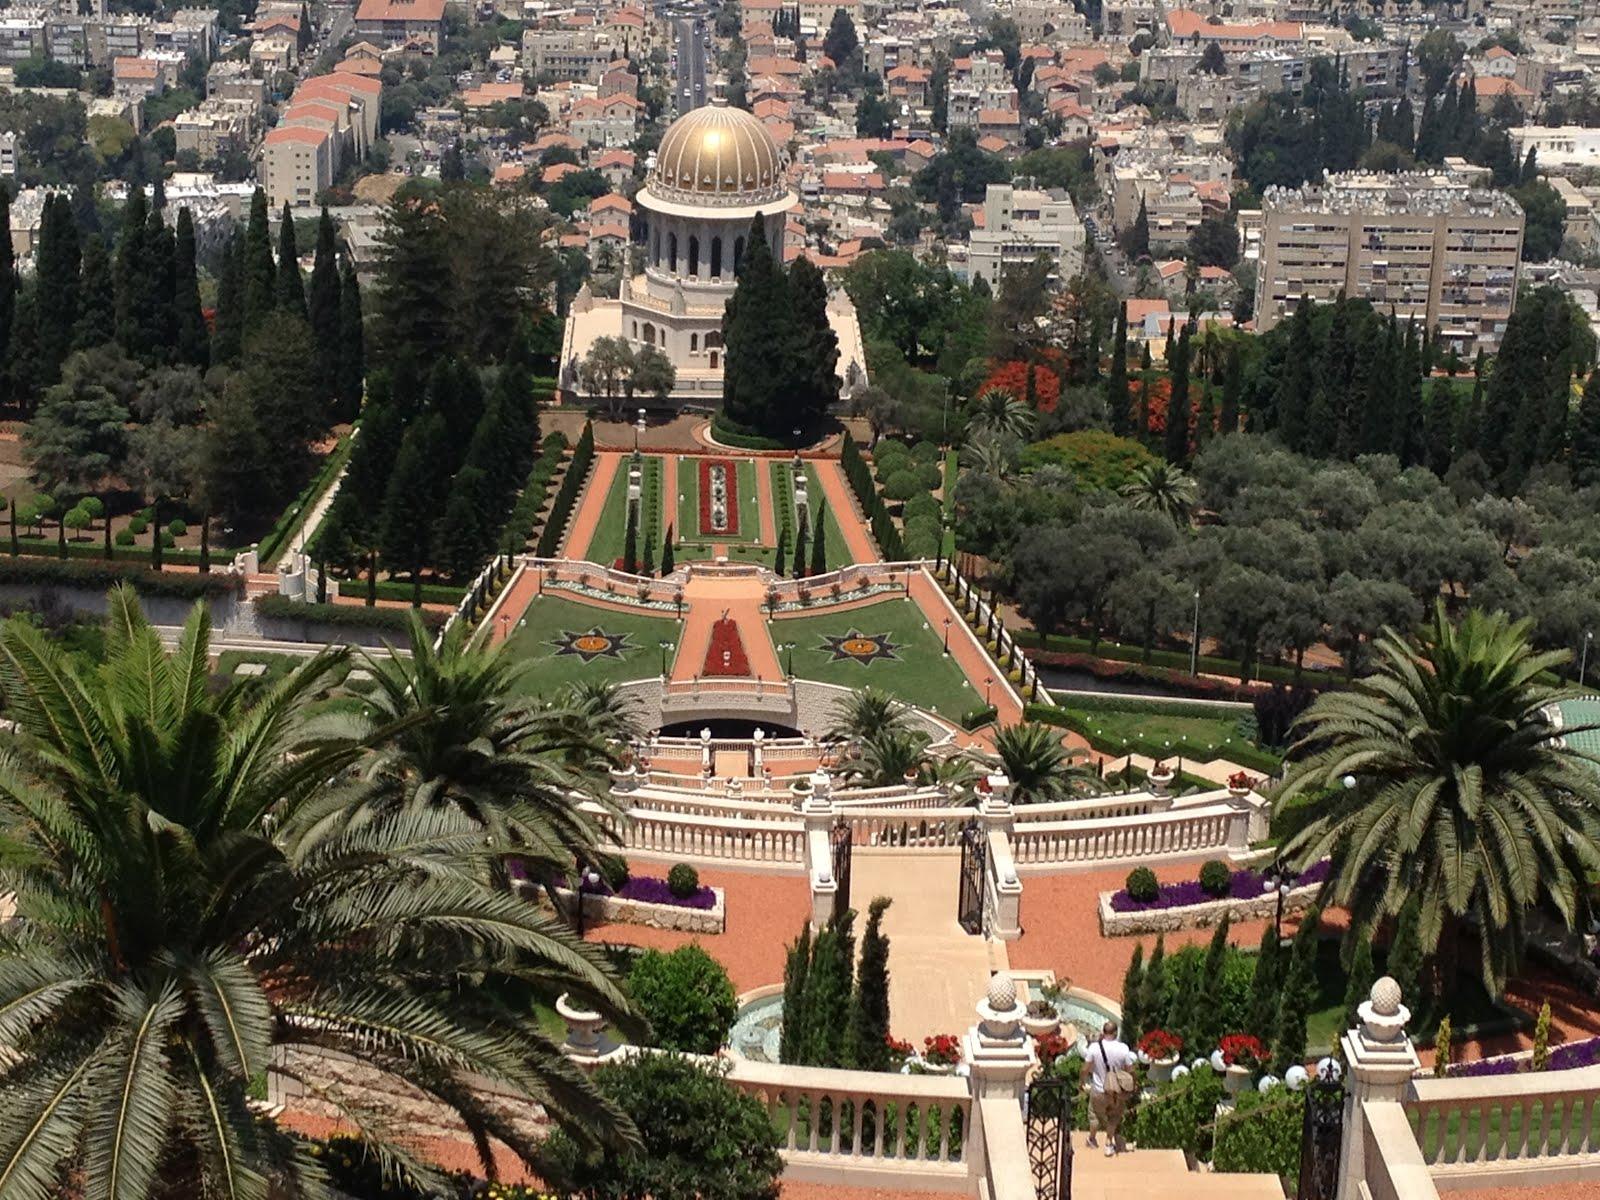 jerusalem wanderings: haifa trip with arab and israeli women